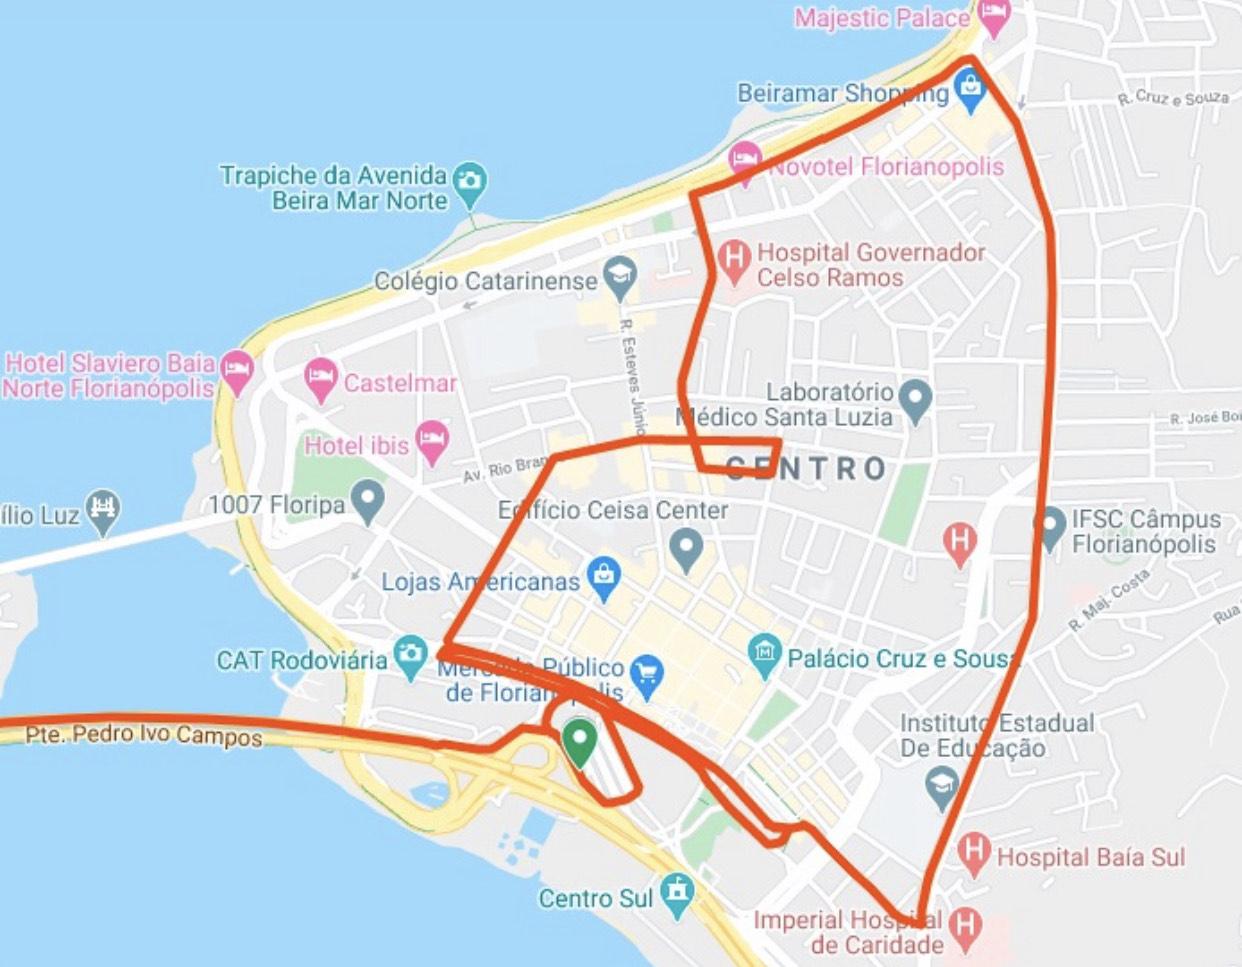 Itinerário de linhas partindo de Florianópolis para Biguaçu para o atendimento especial da Biguaçu TC durante a paralisação decorrente do surto do Novo Coronavírus